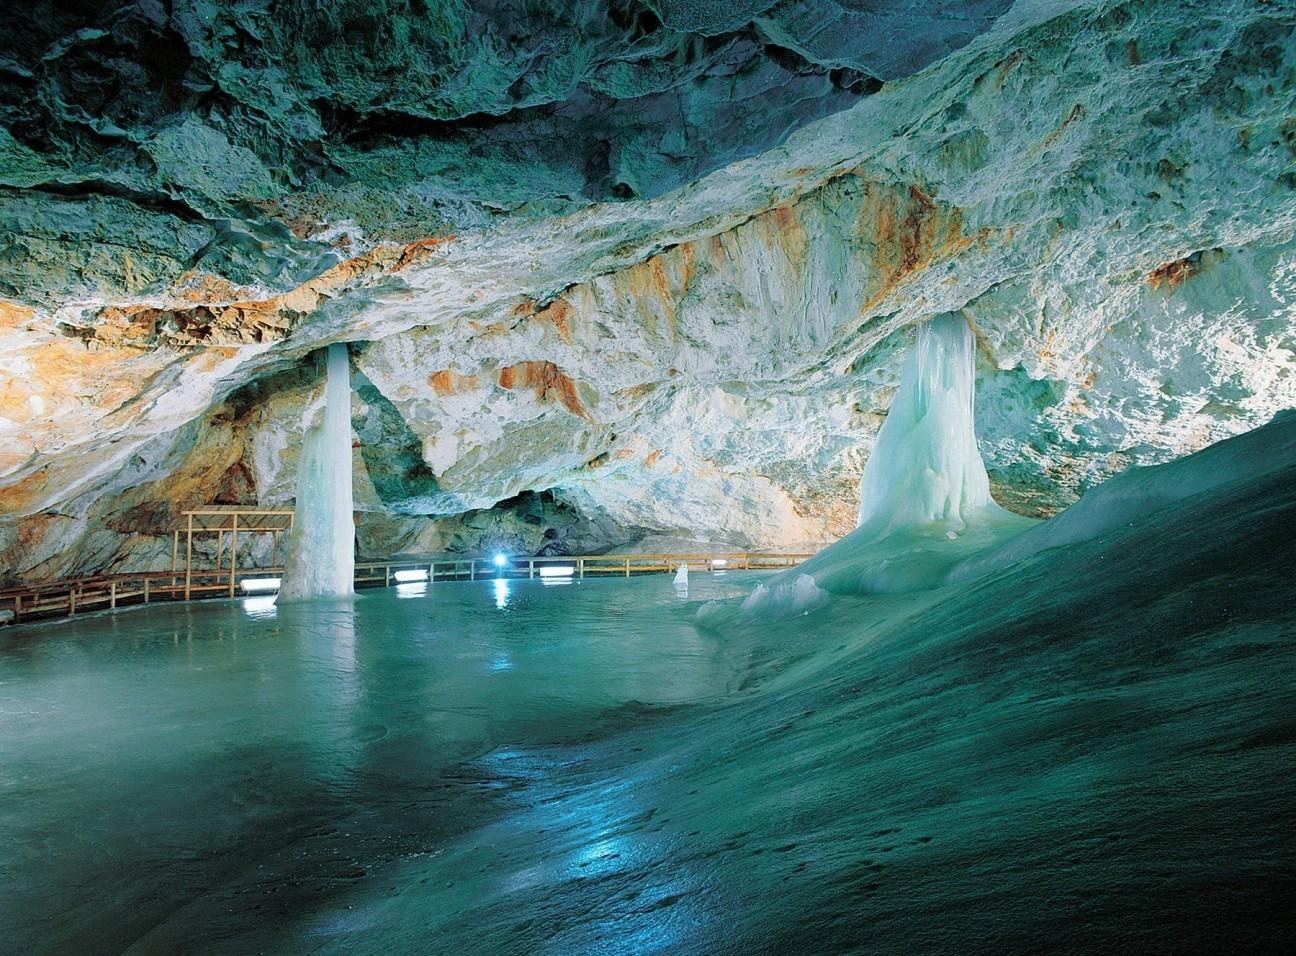 Jaskinia Lodowa - wycieczka ze Szczawnicy